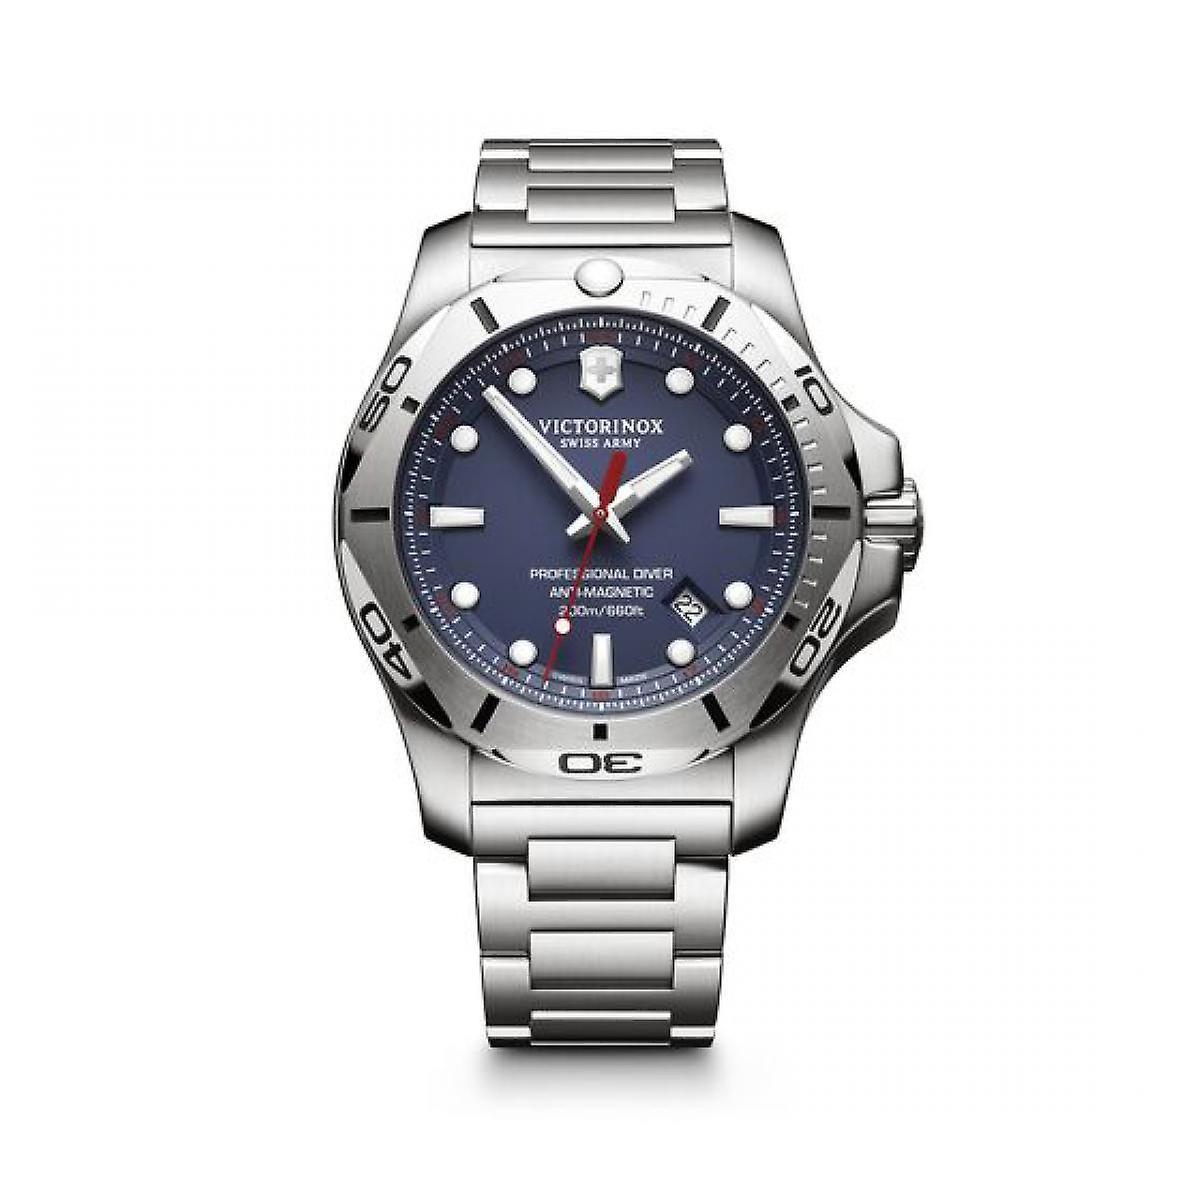 Ver Victorinox 241782 - I.N.O.X. Professional Diver / plata acero esfera azul Hombres